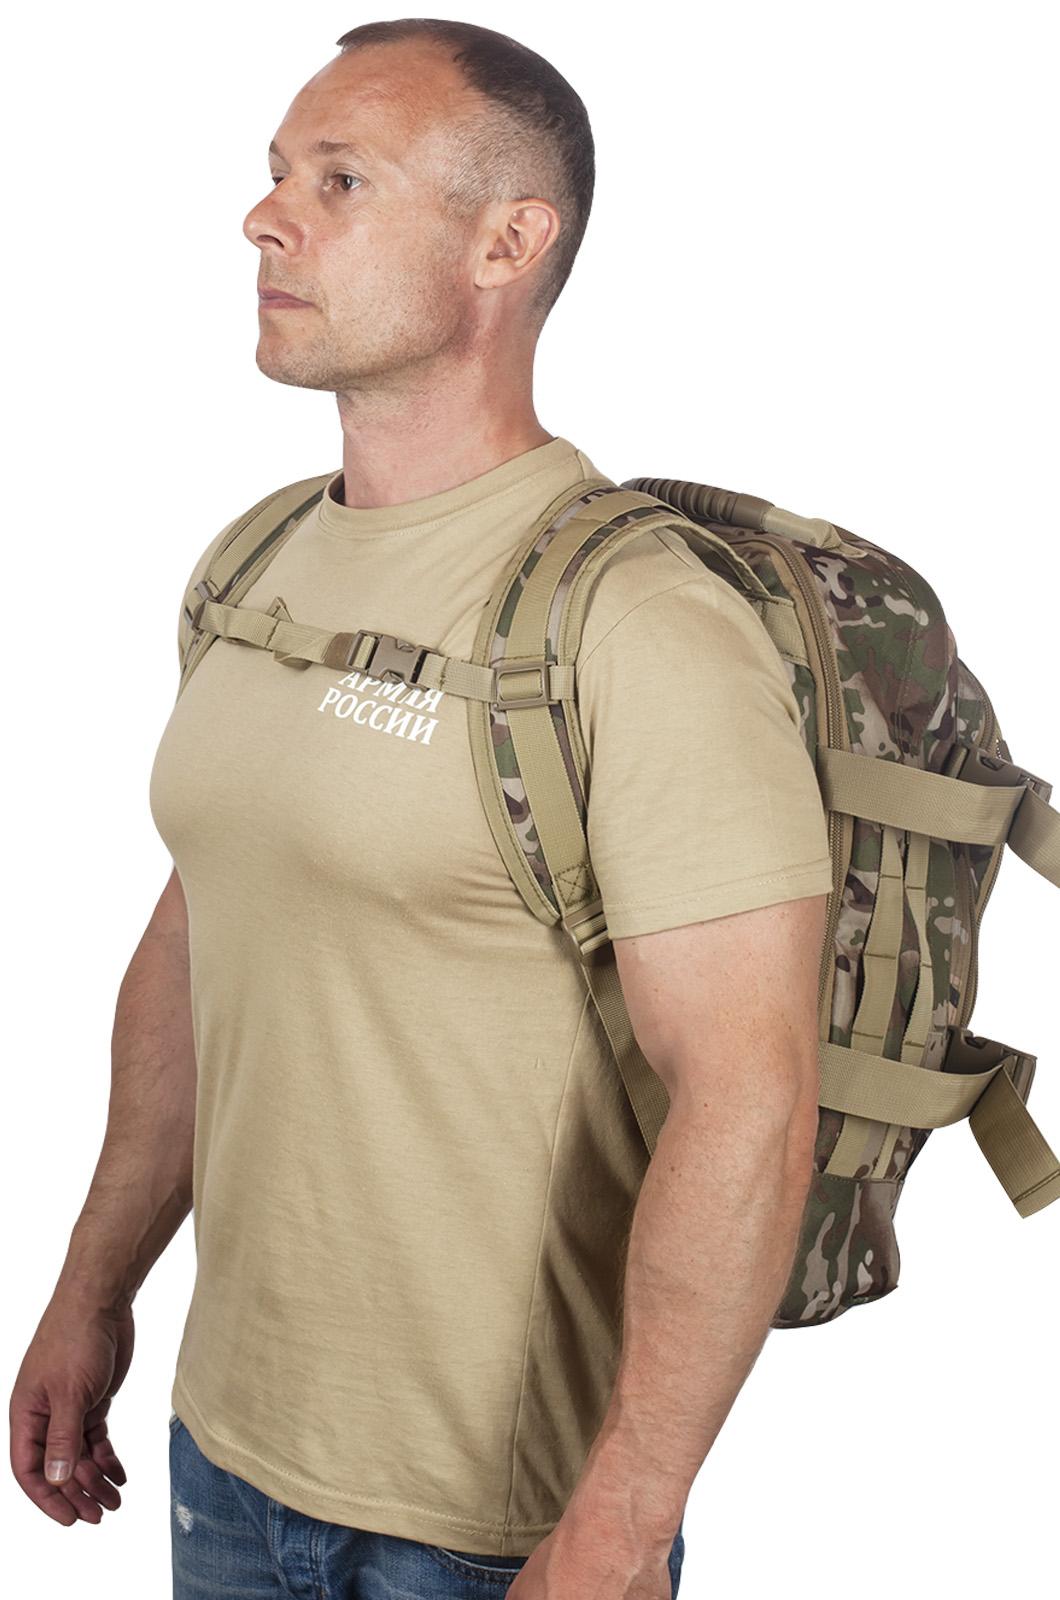 Зачетный камуфляжный рюкзак с нашивкой Лучший Охотник - купить оптом